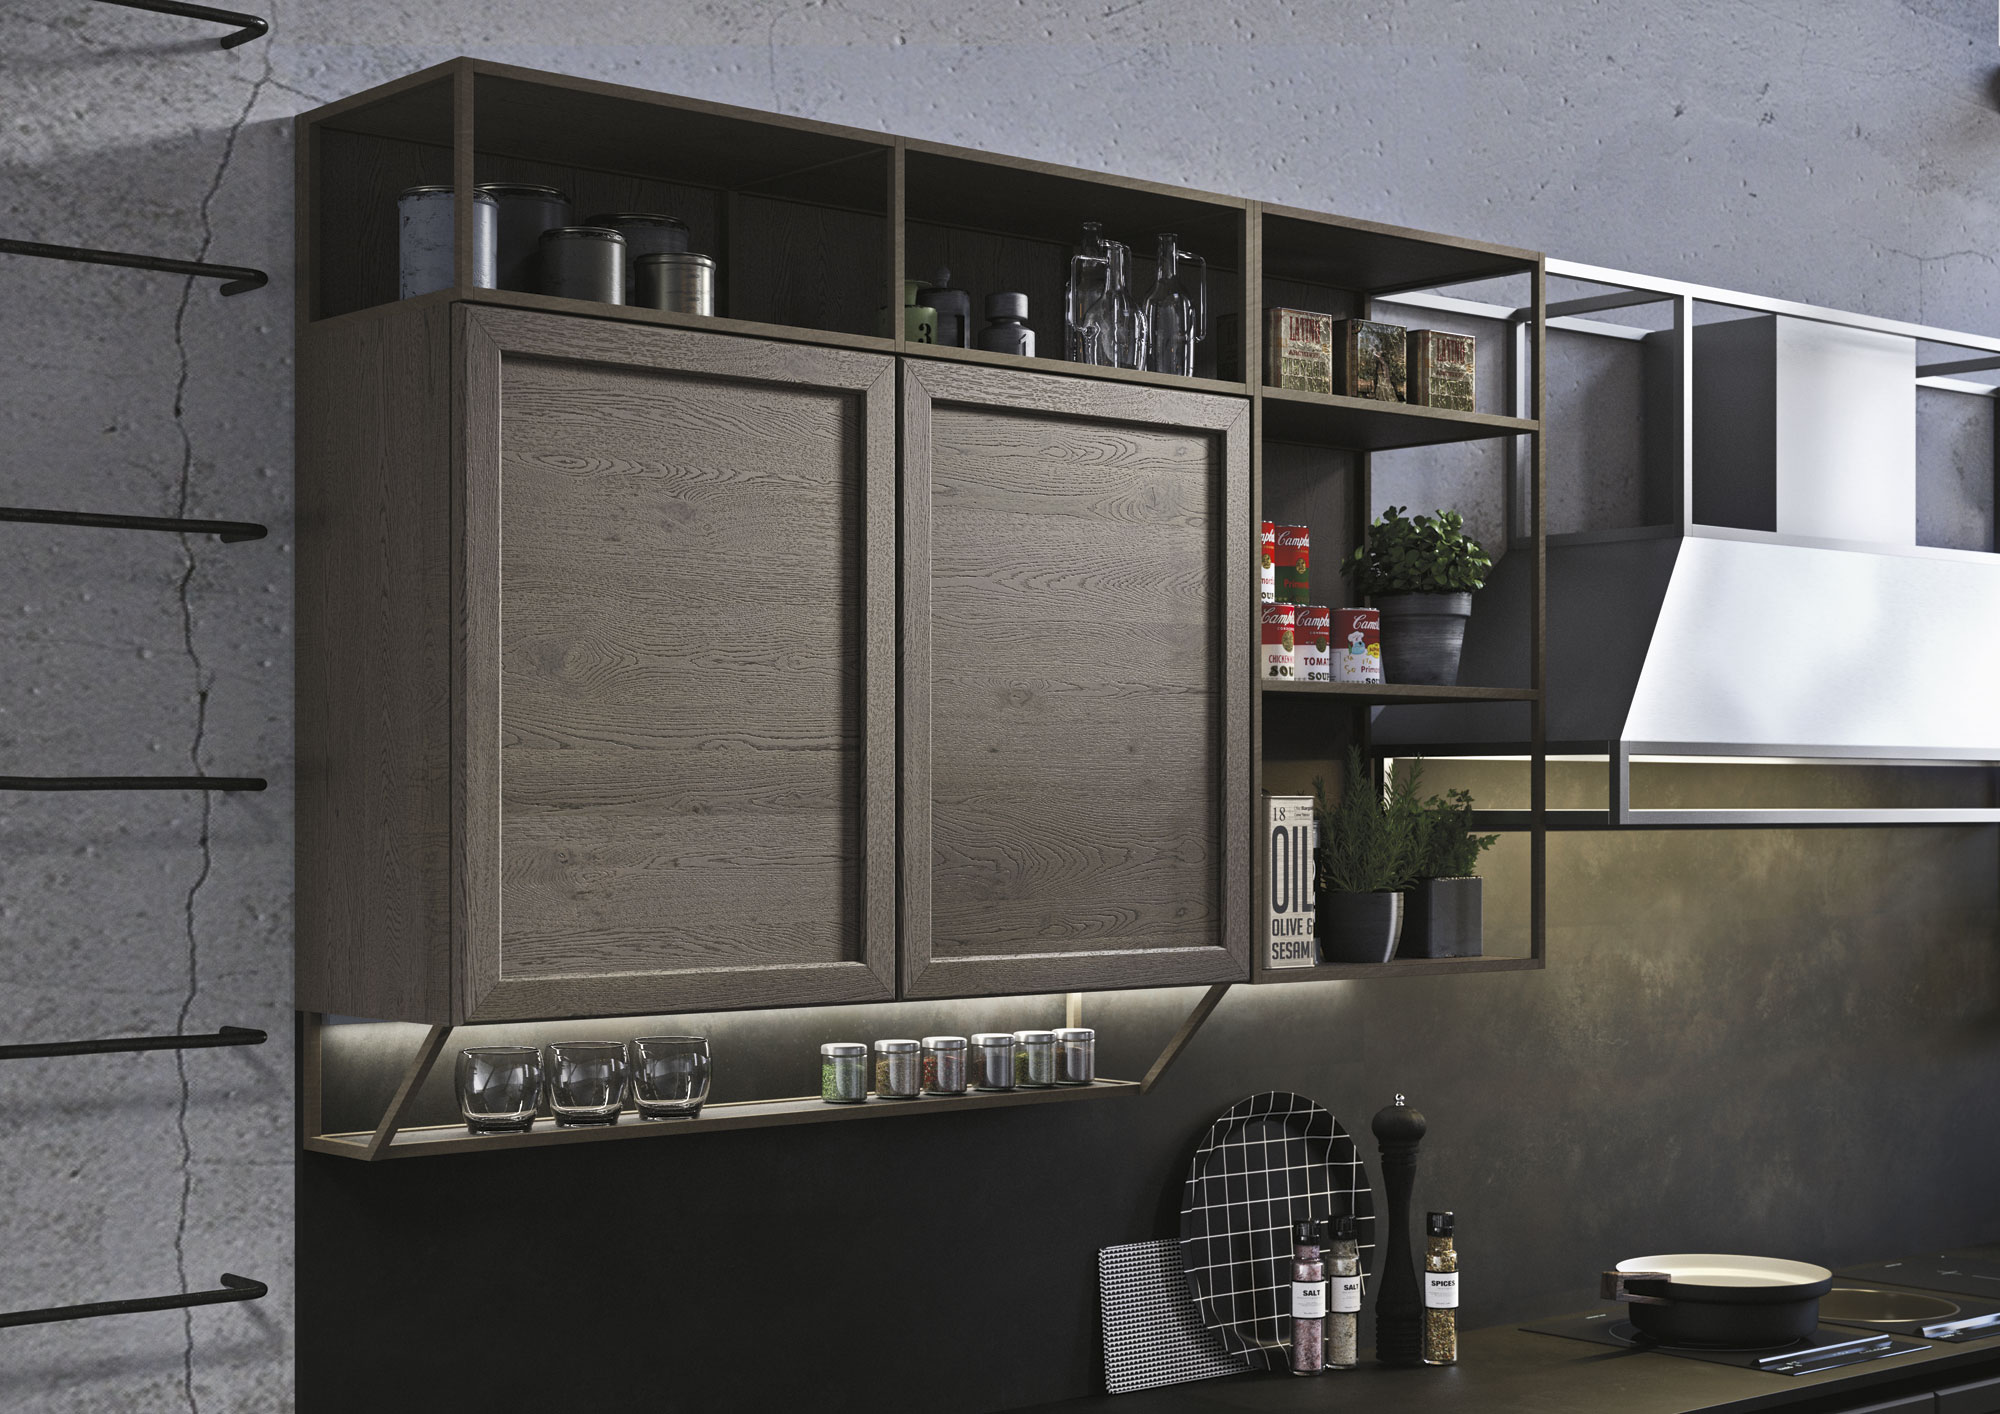 cucine-classiche-con-isola-frame-snaidero-dettaglio-13